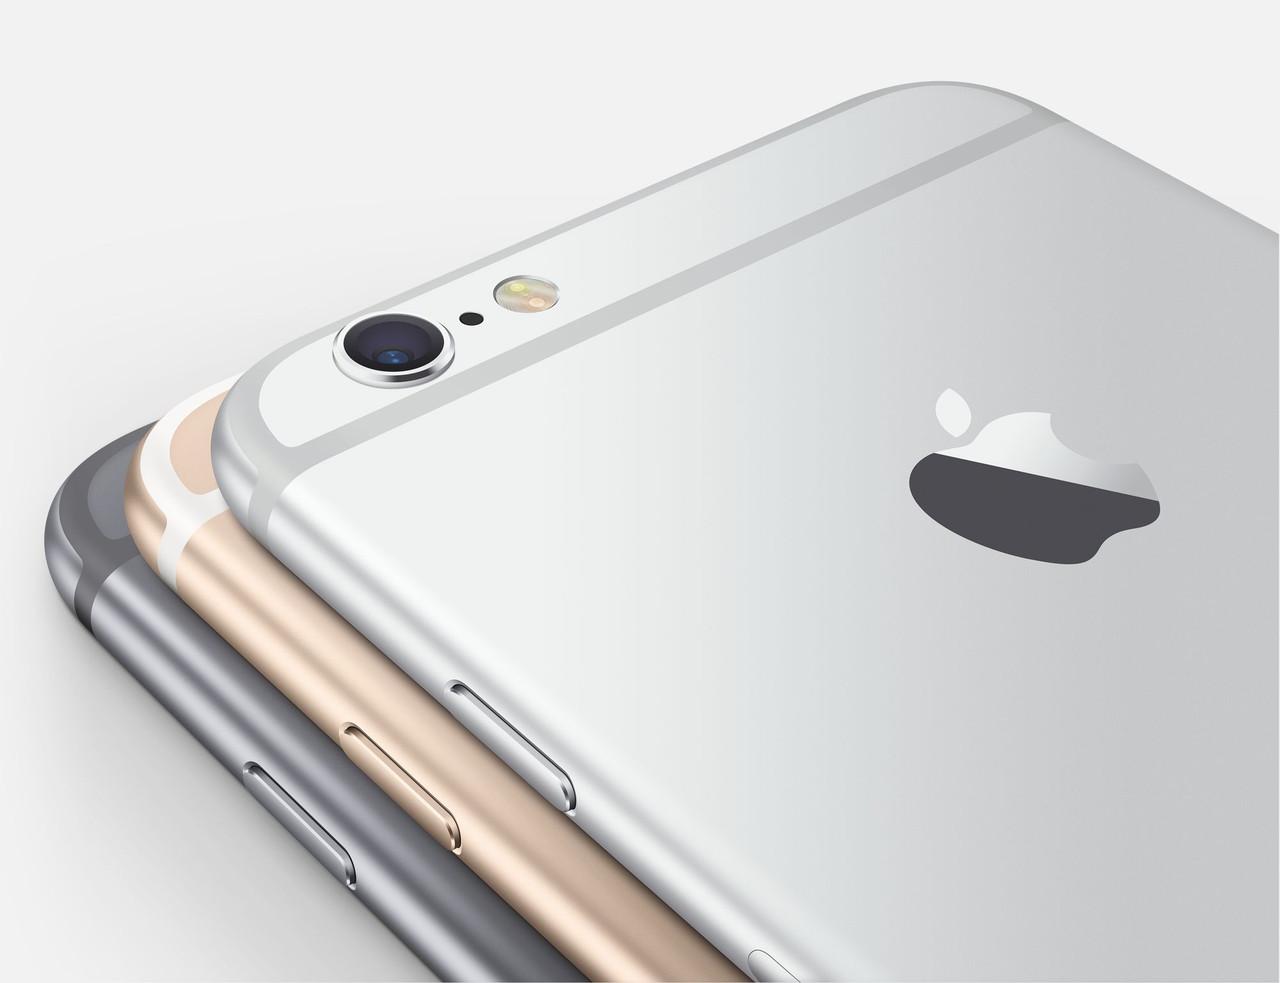 заказать iphone 6 из америки в украину